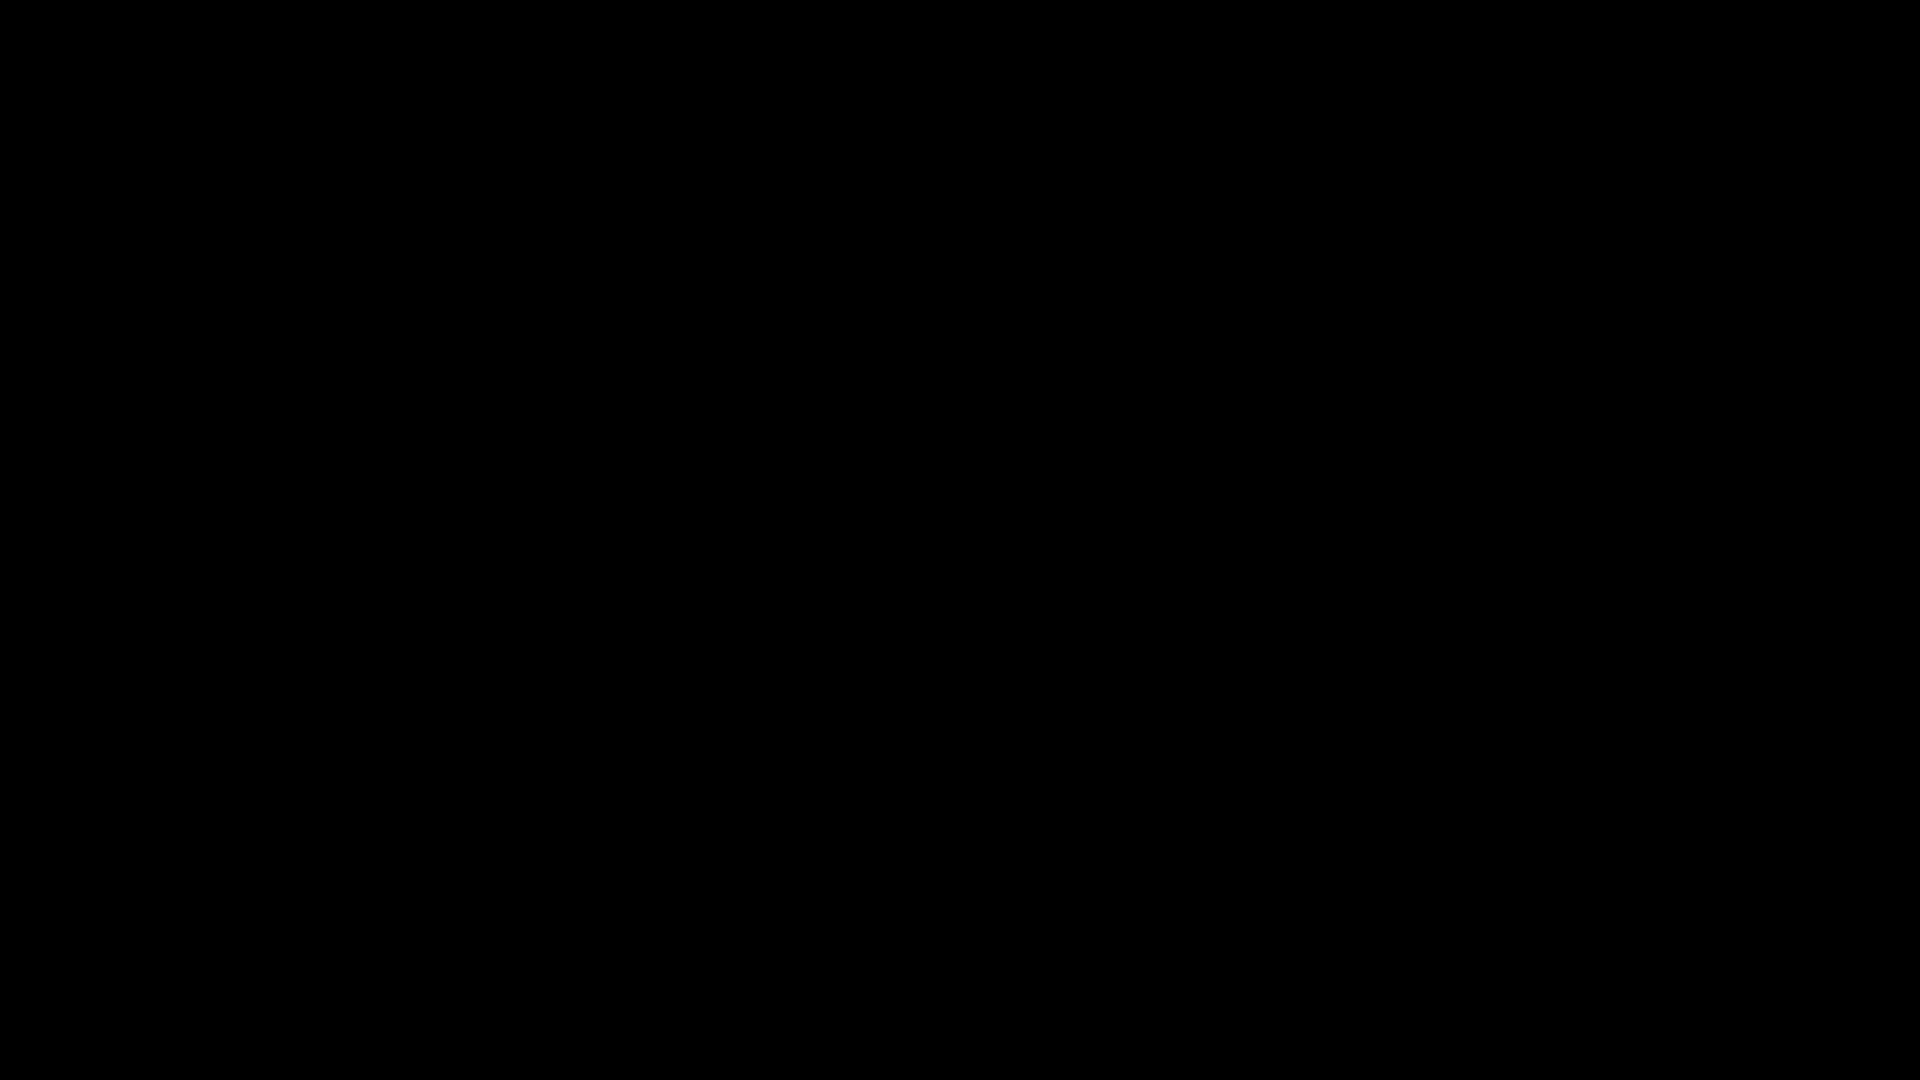 1-bezsrouboy-kovovy-regal-diy-den-matek